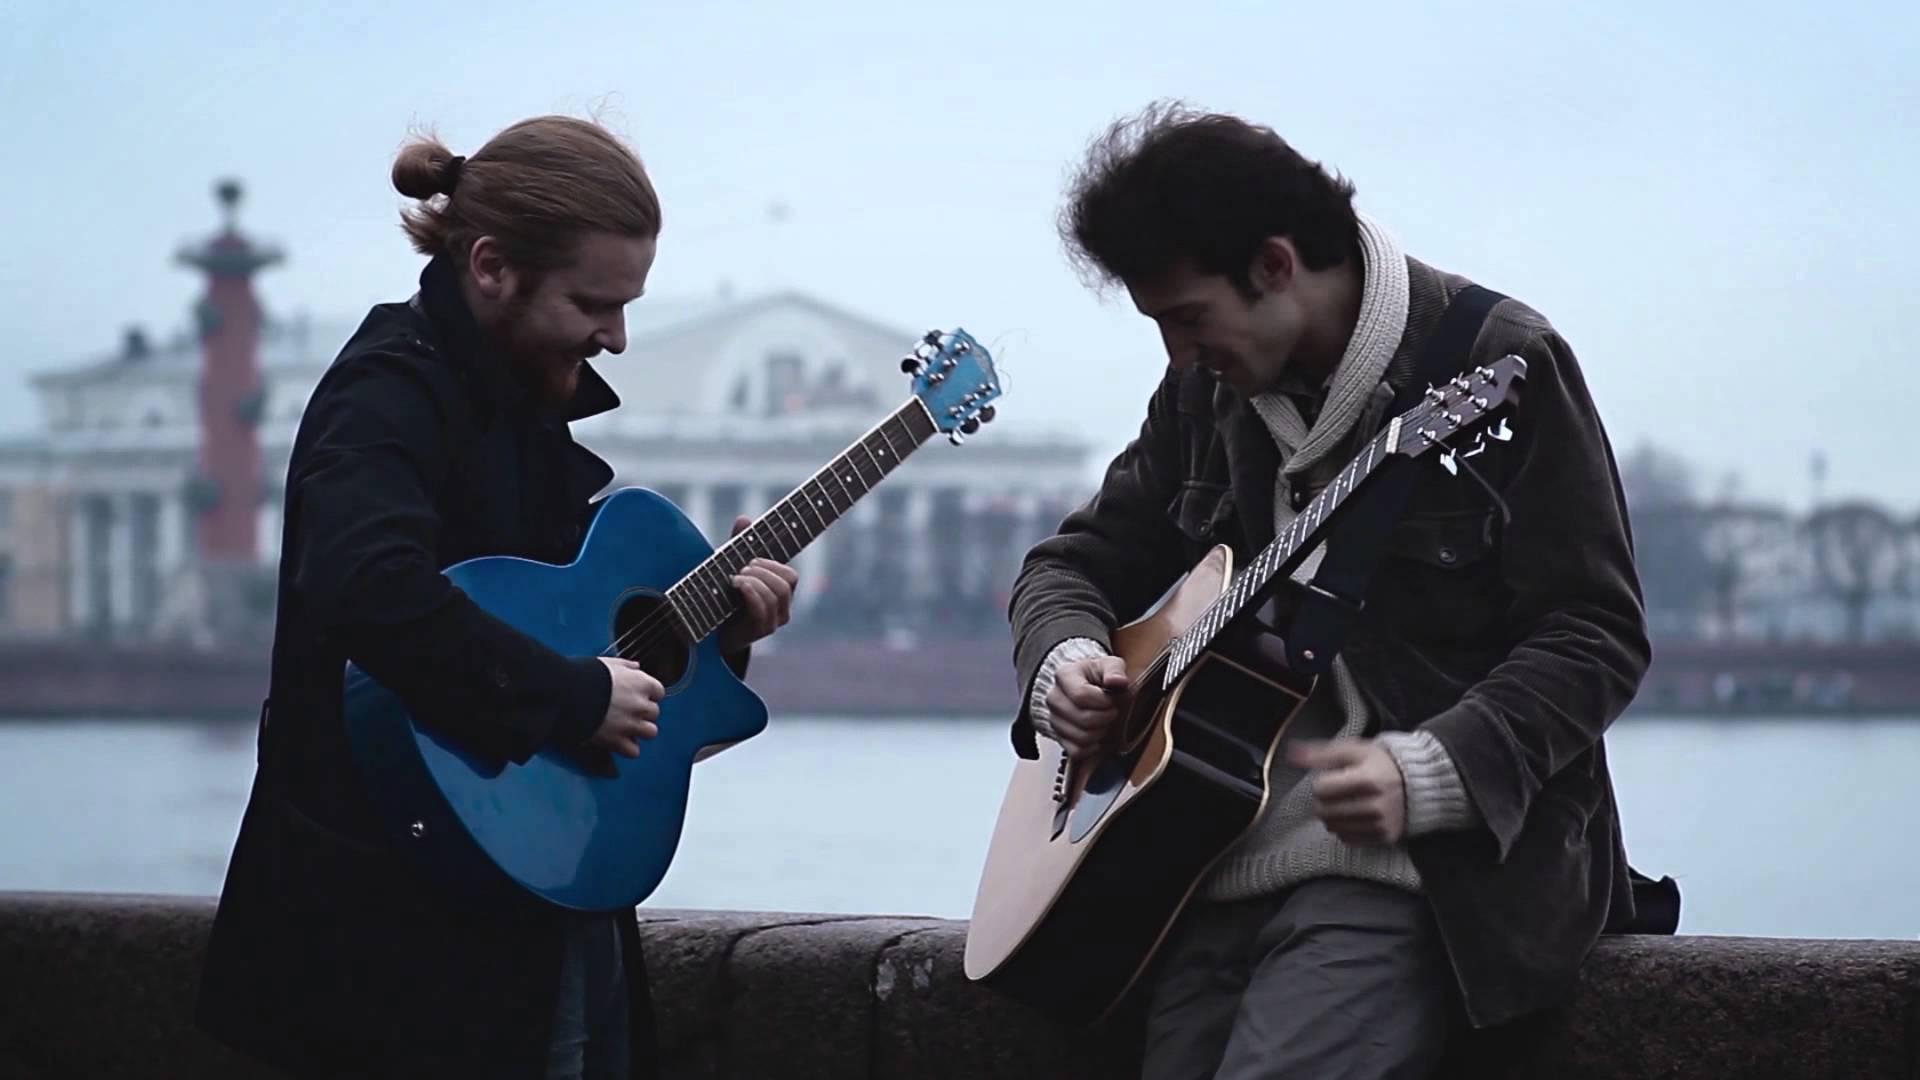 美丽的音乐风景 美丽的音乐风景 【芬兰街头布鲁斯】耳朵恋爱了,蓝色的吉他,蓝色的布鲁斯,太好听的滑棒,这哪是旋律,分明是流淌的血液,美的就如同走出木屋的红围巾美女似的[哈哈],感觉金属滑起来确有一种独特的魅力。